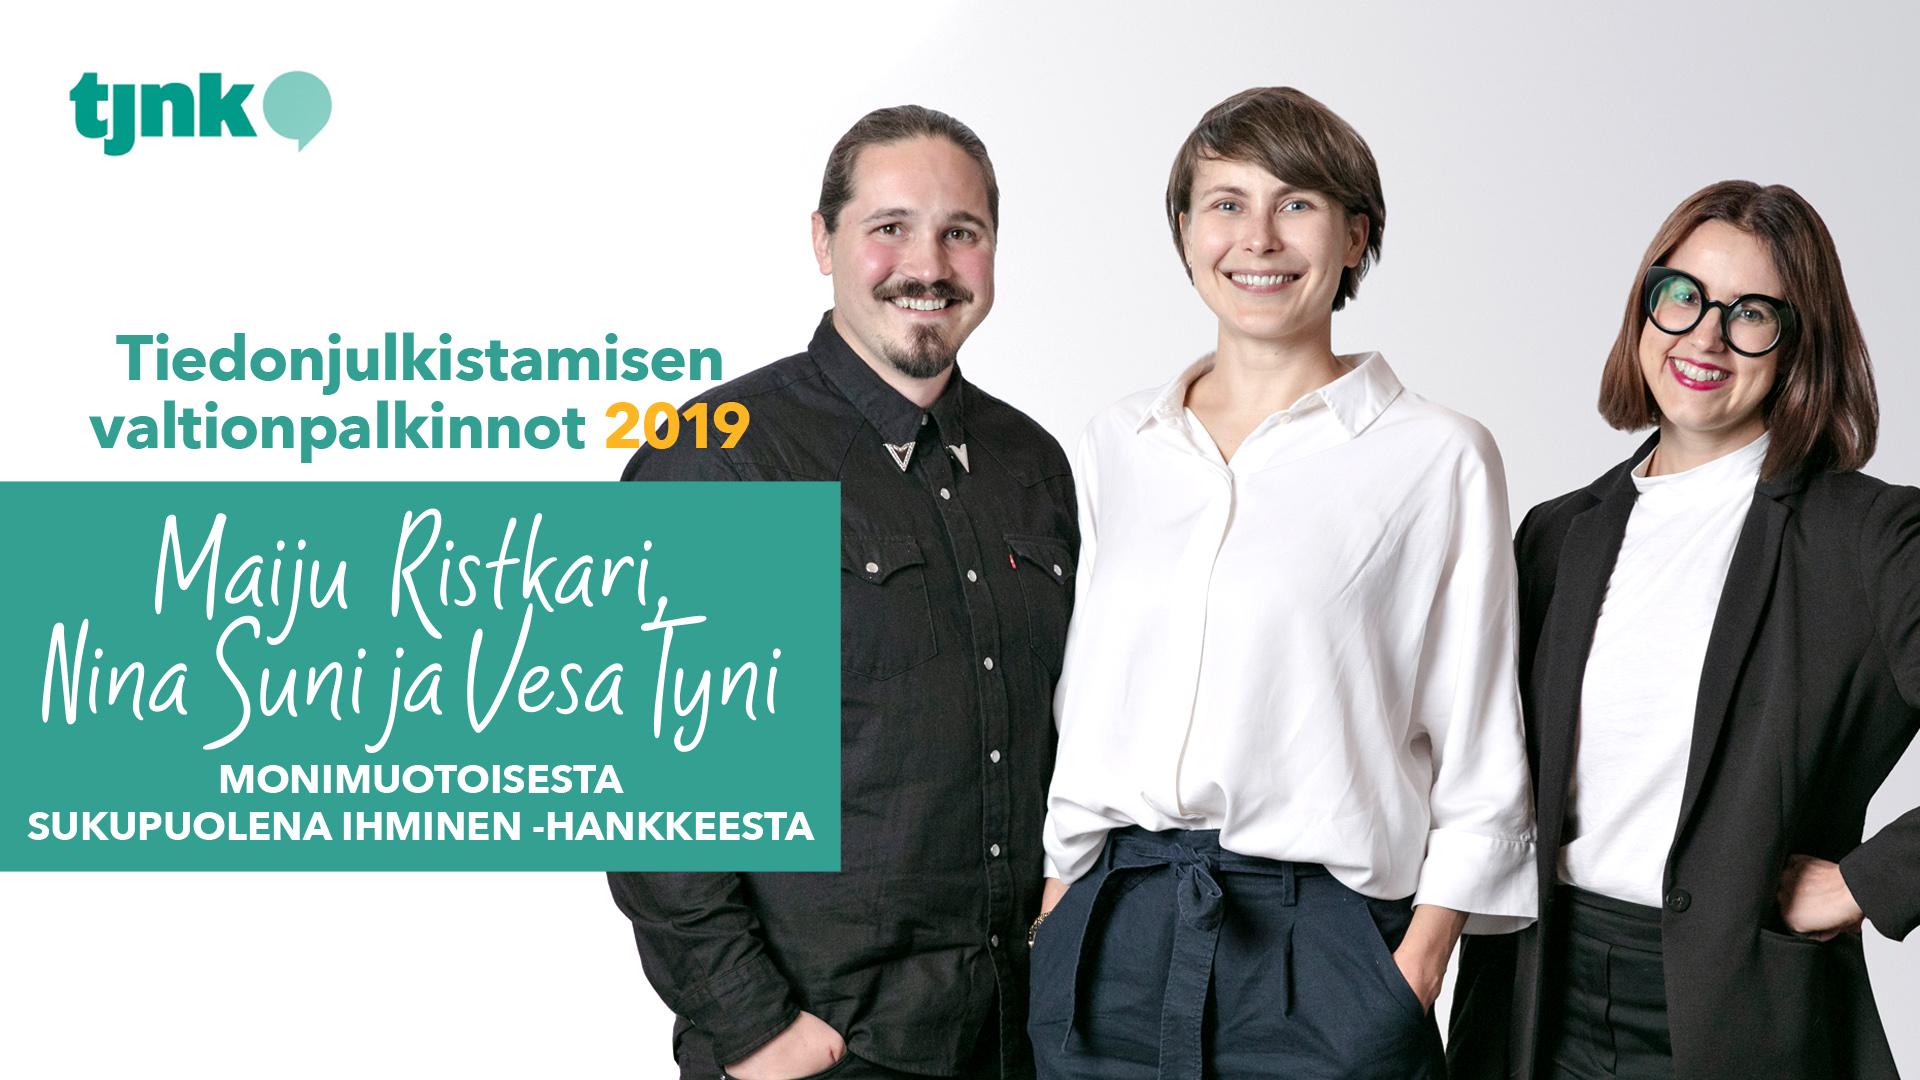 Tiedonjulkistamisen valtionpalkinnon 2019 saaneet Maiju Ristkari, Nina Suni ja Vesa Tyni